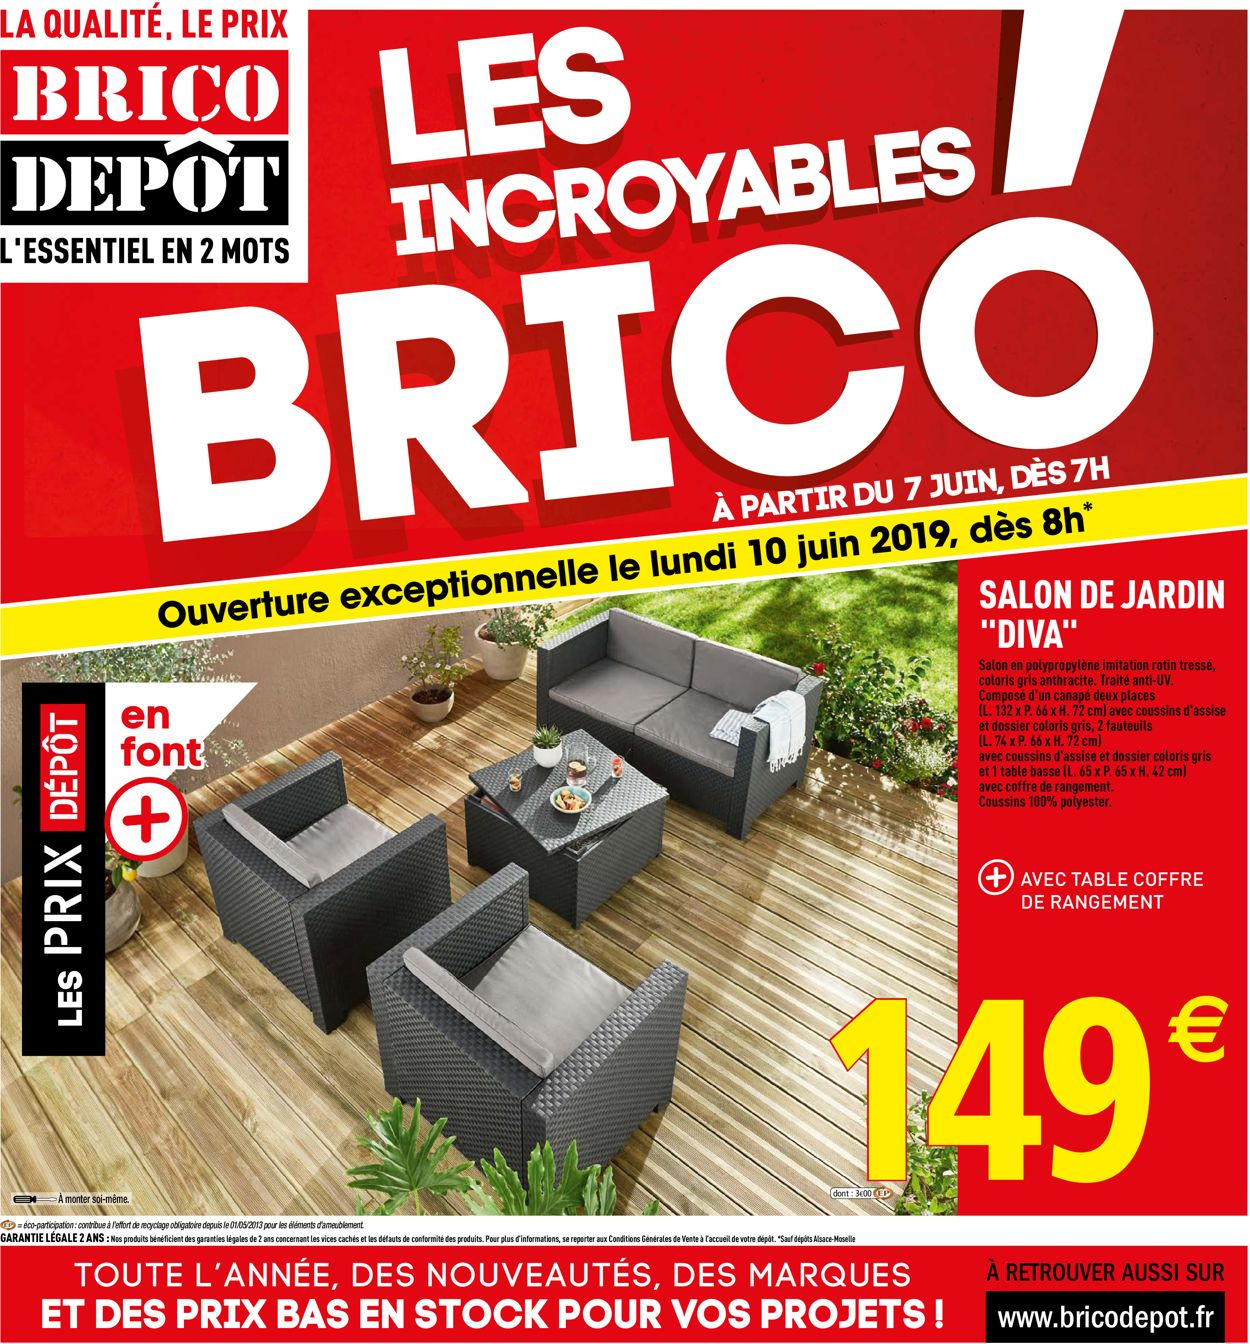 Brico Dépôt Catalogue Actuel 07.06 - 30.06.2019 - Catalogue ... destiné Coffre De Jardin Brico Depot